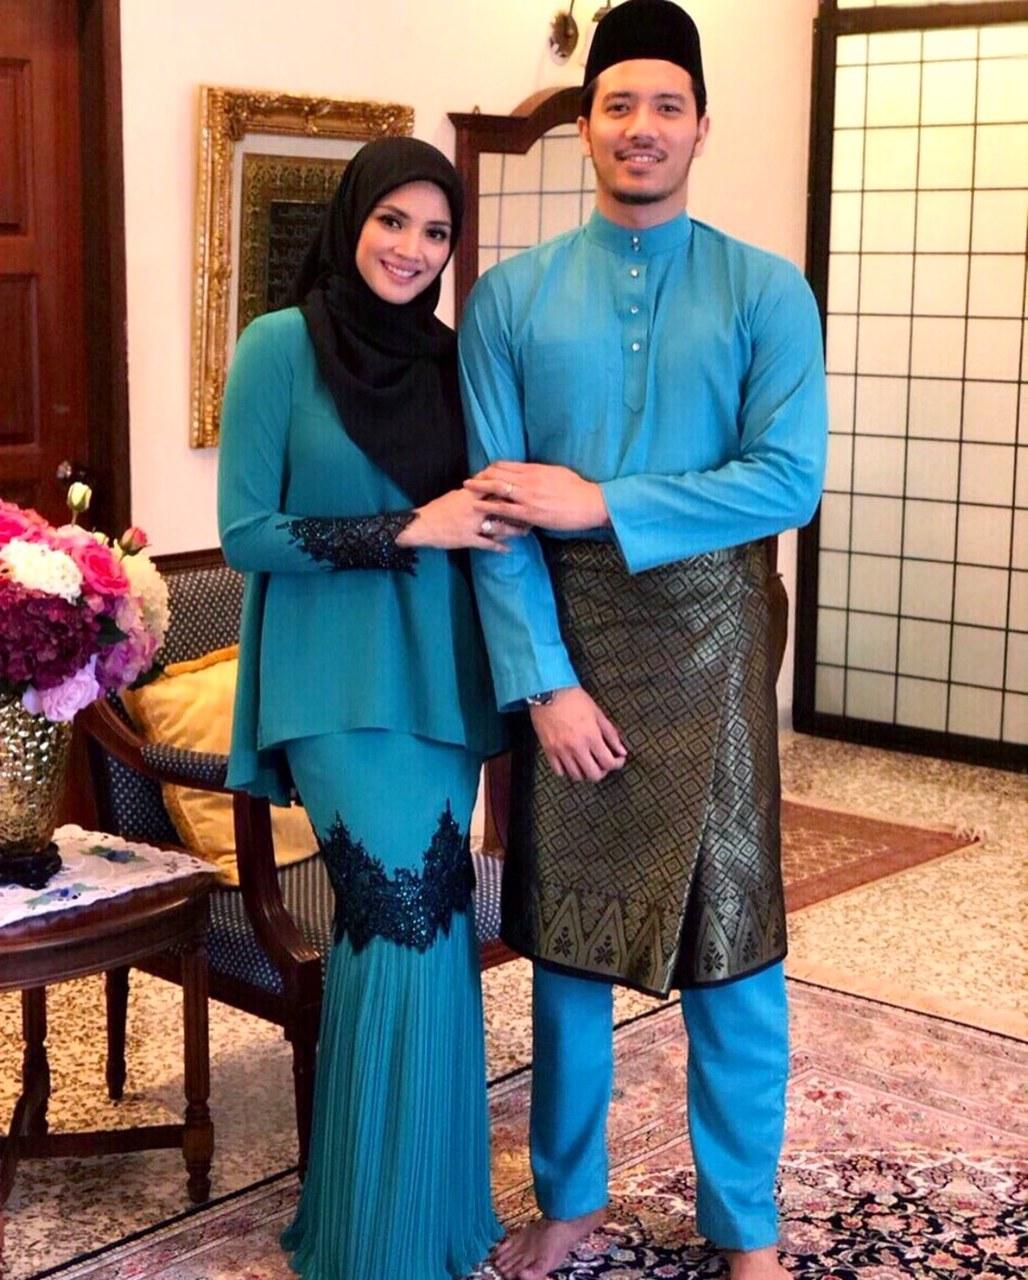 Bentuk Koleksi Baju Lebaran 2019 E6d5 Ide Populer 38 Baju Raya Artis 2019